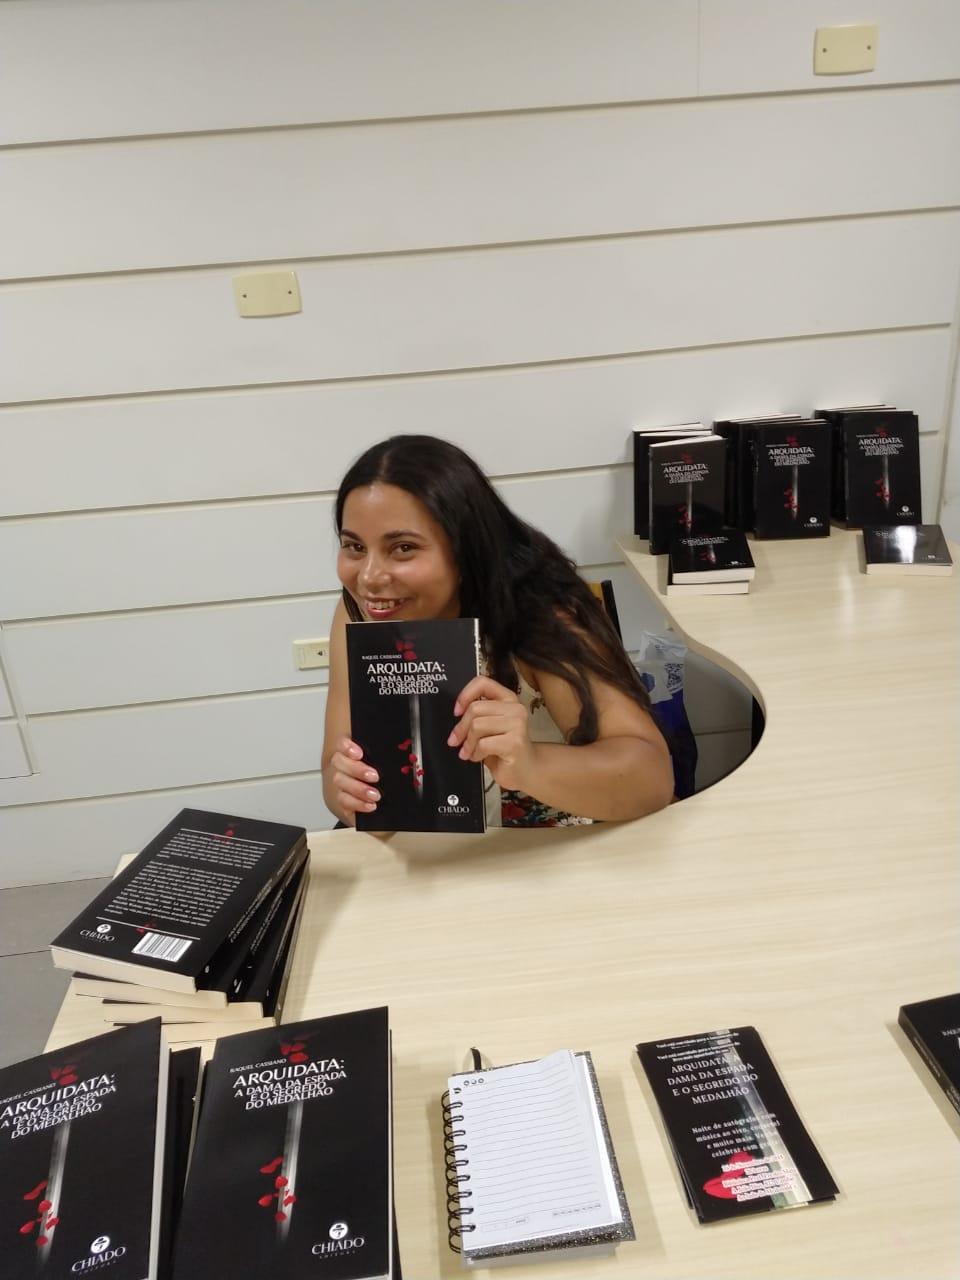 Contrariando a crise no setor editorial, escritora lança livro de ficção. b9e580a64f